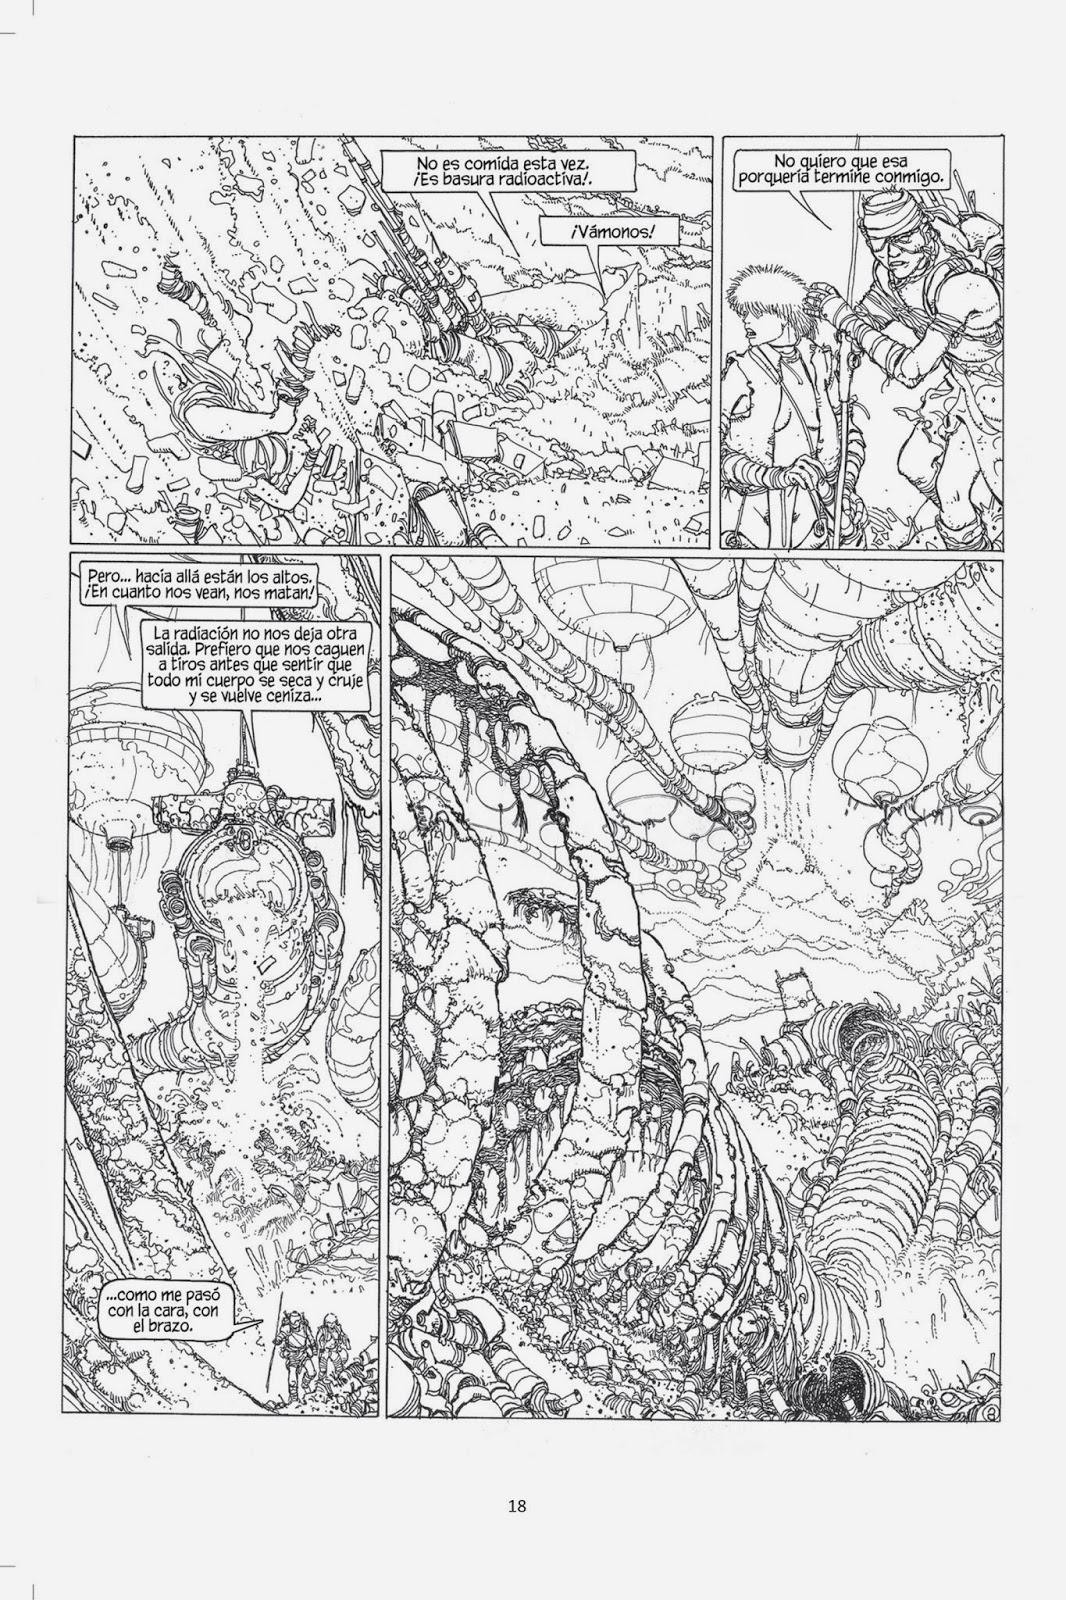 [Literatura y Comics] ¿Qué leí hoy? - Página 34 Basura%2B18